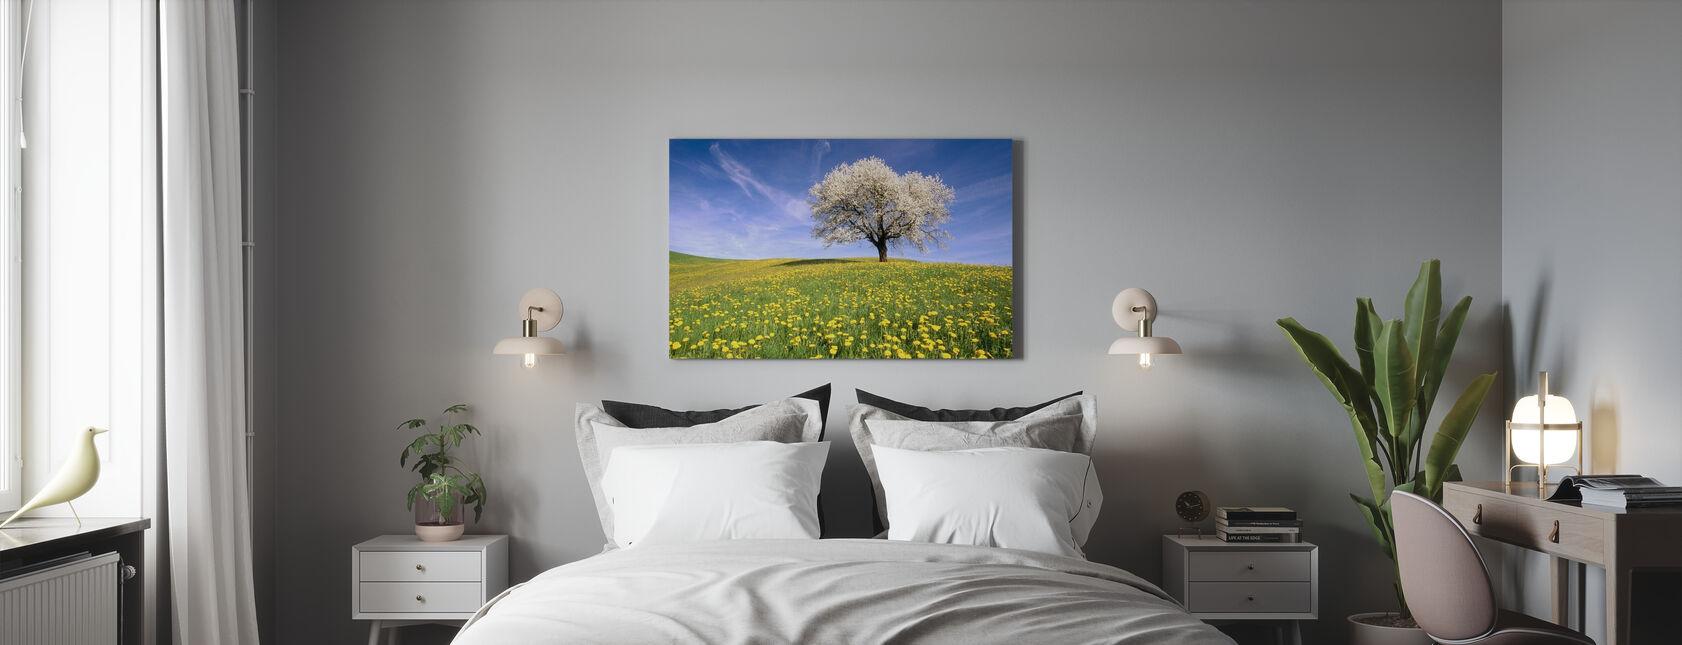 Dandelion Meadow - Canvas print - Bedroom